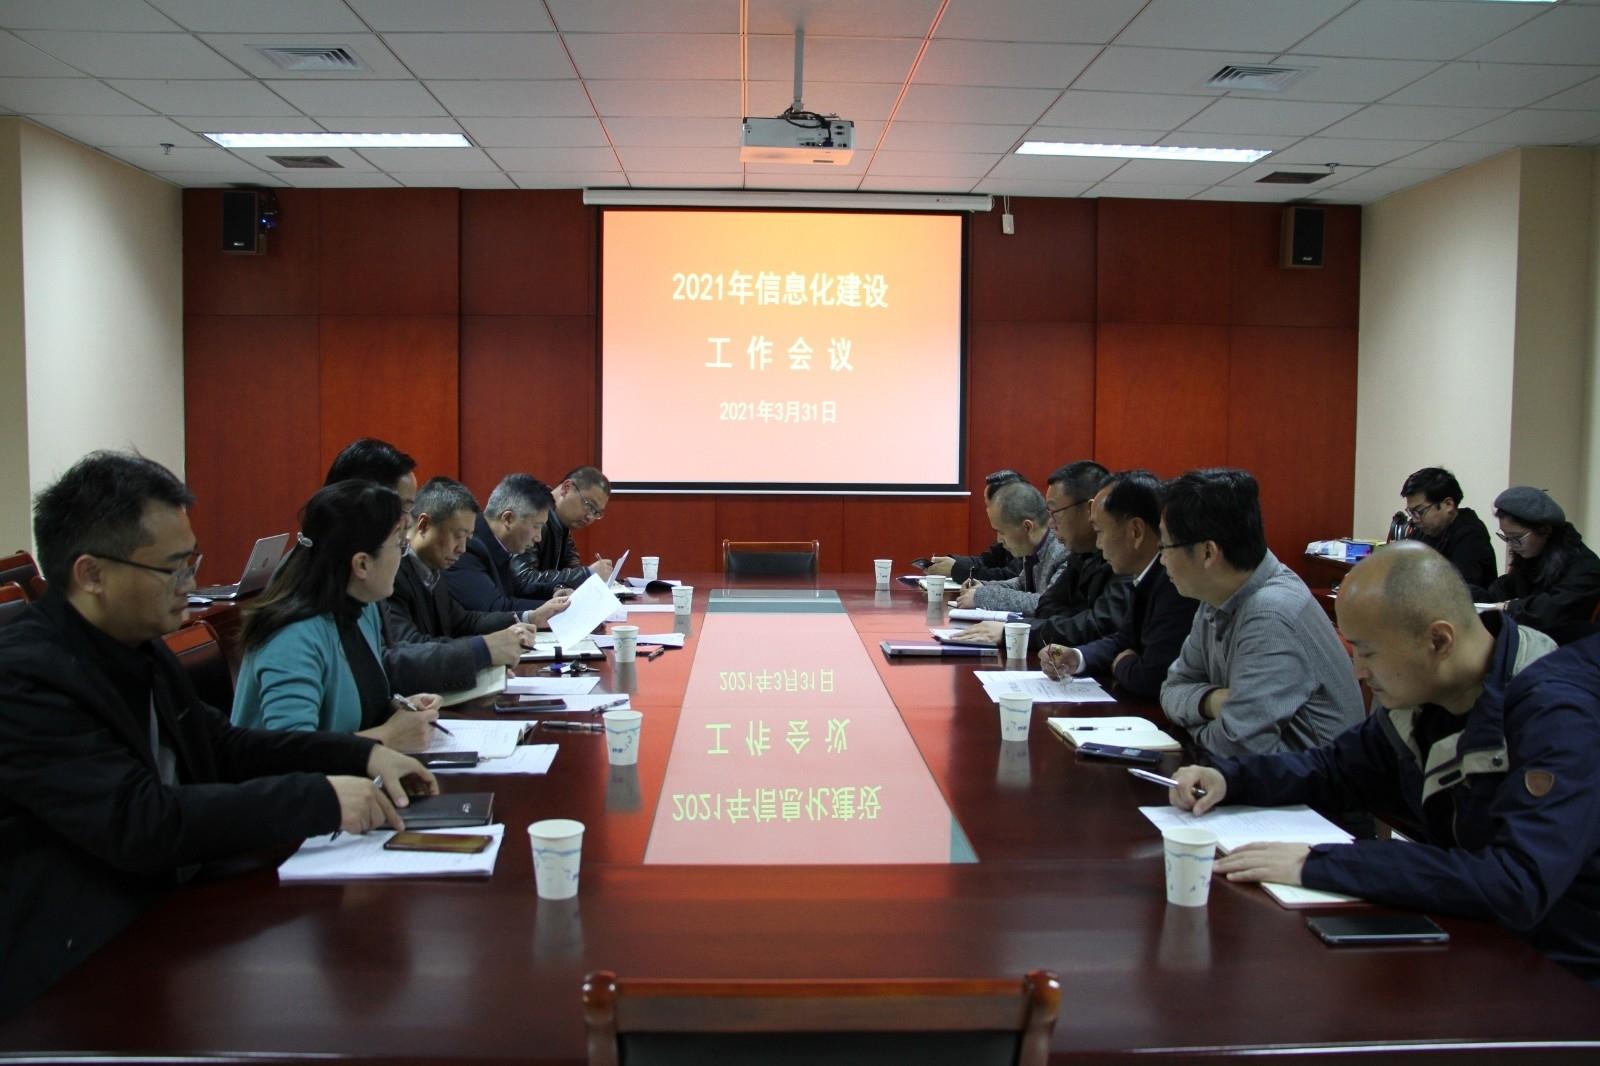 我校召开2021年信息化建设工作会议1.JPG